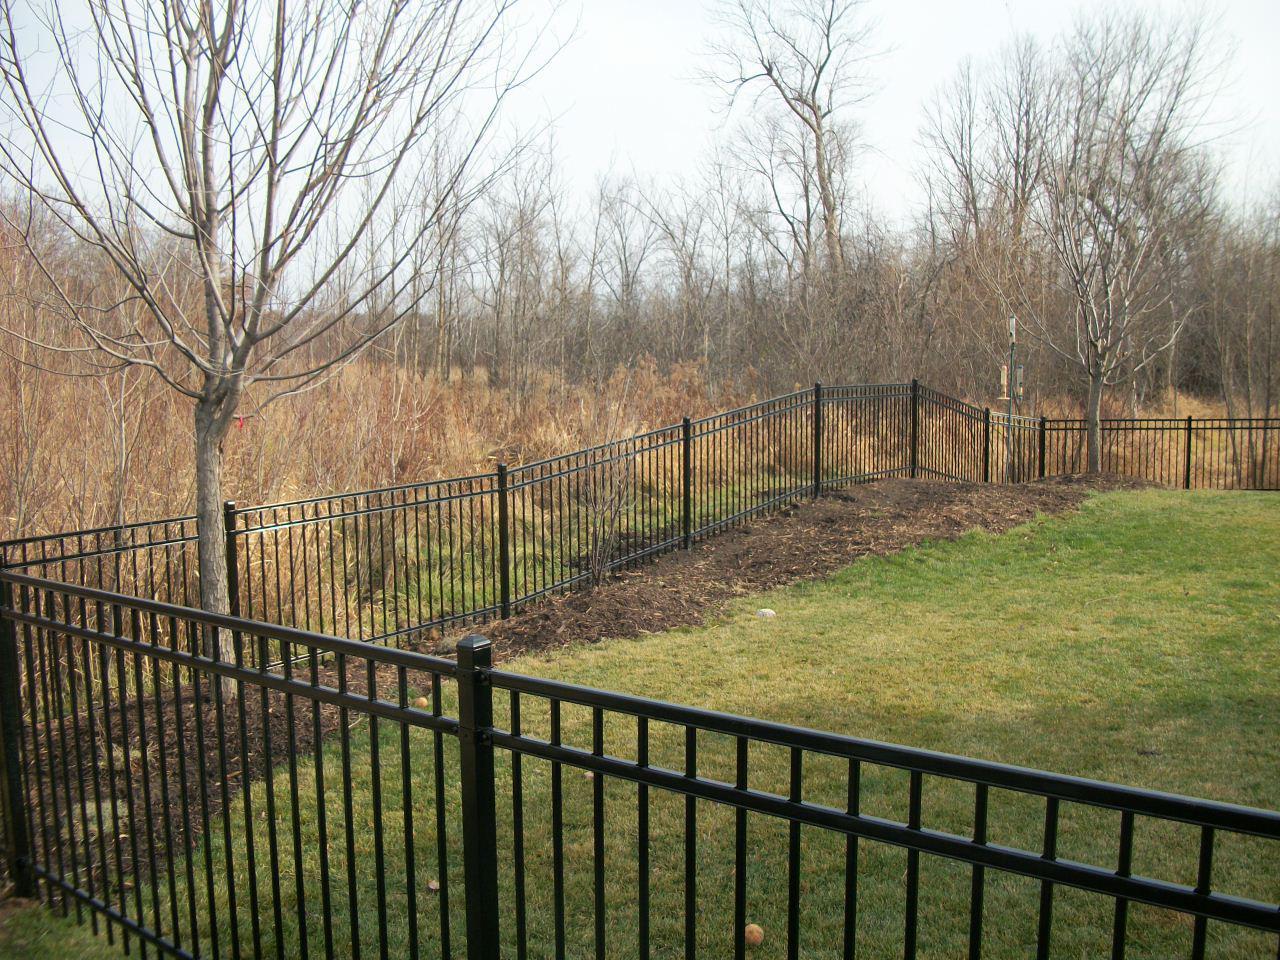 Northland Fence Minnesota